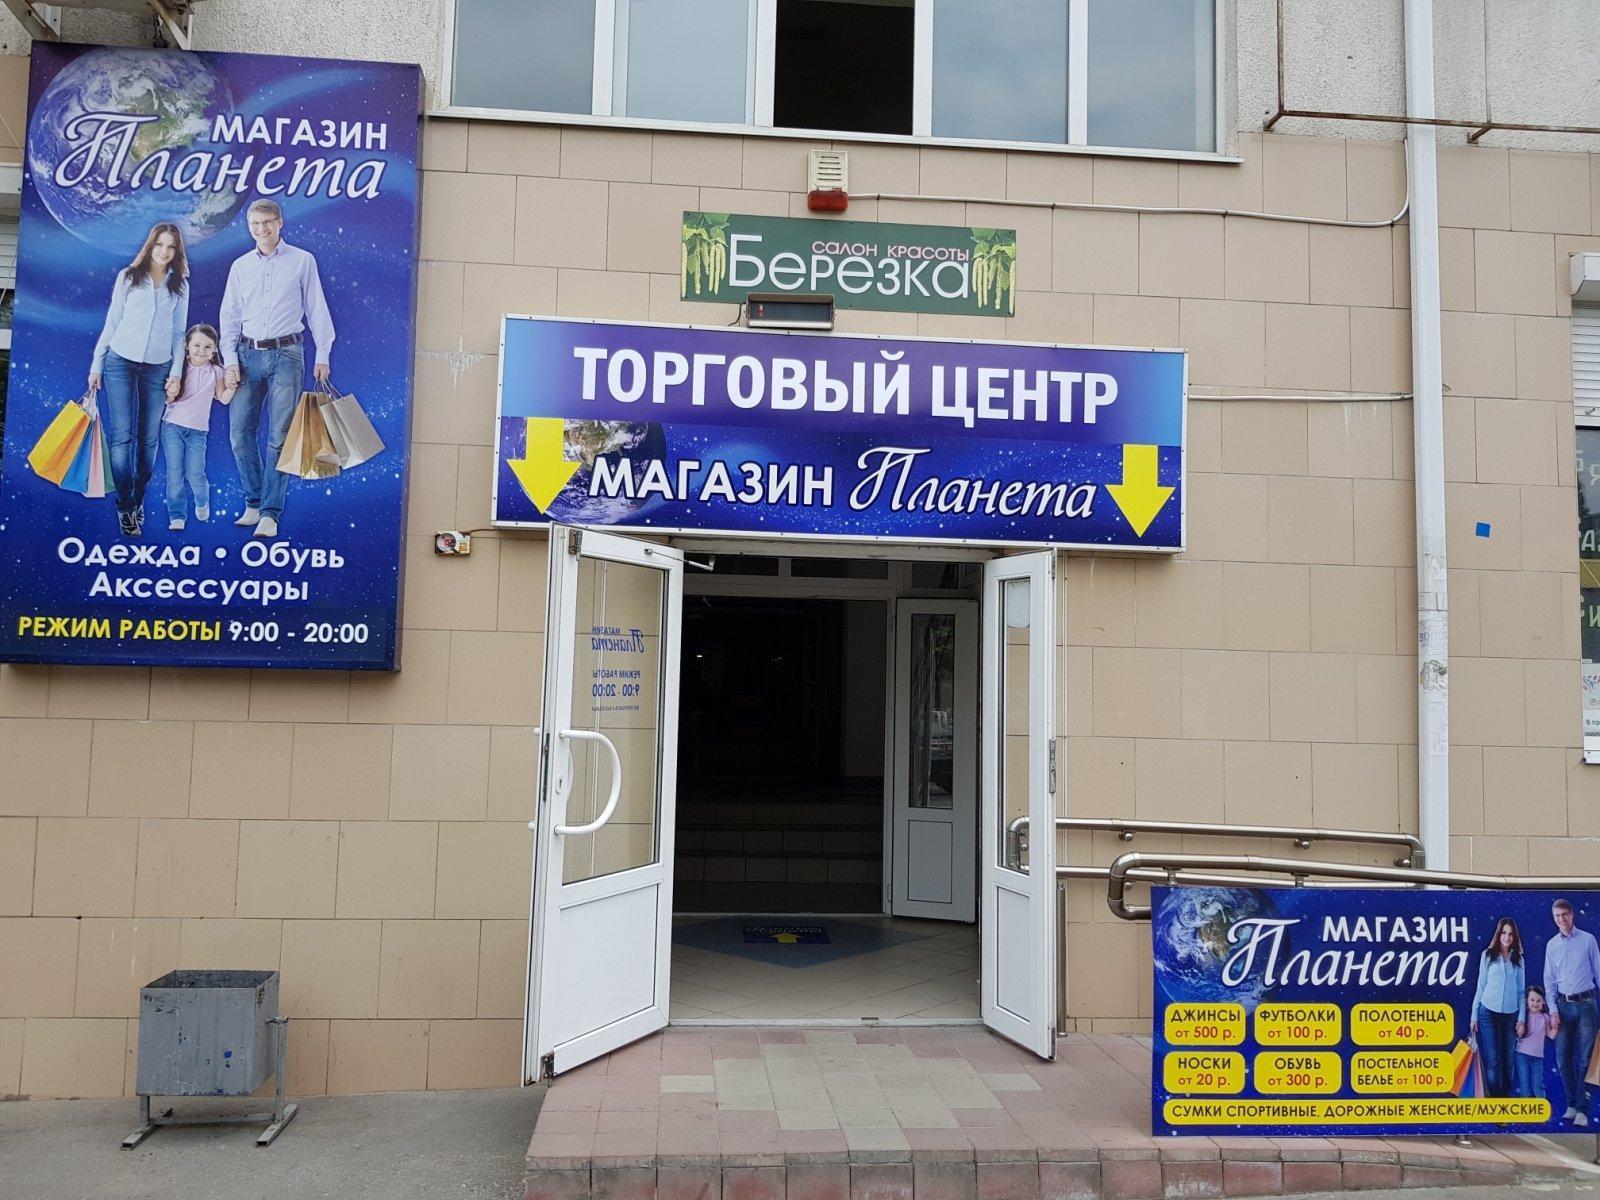 Новороссийск Недорогие Магазины Одежды